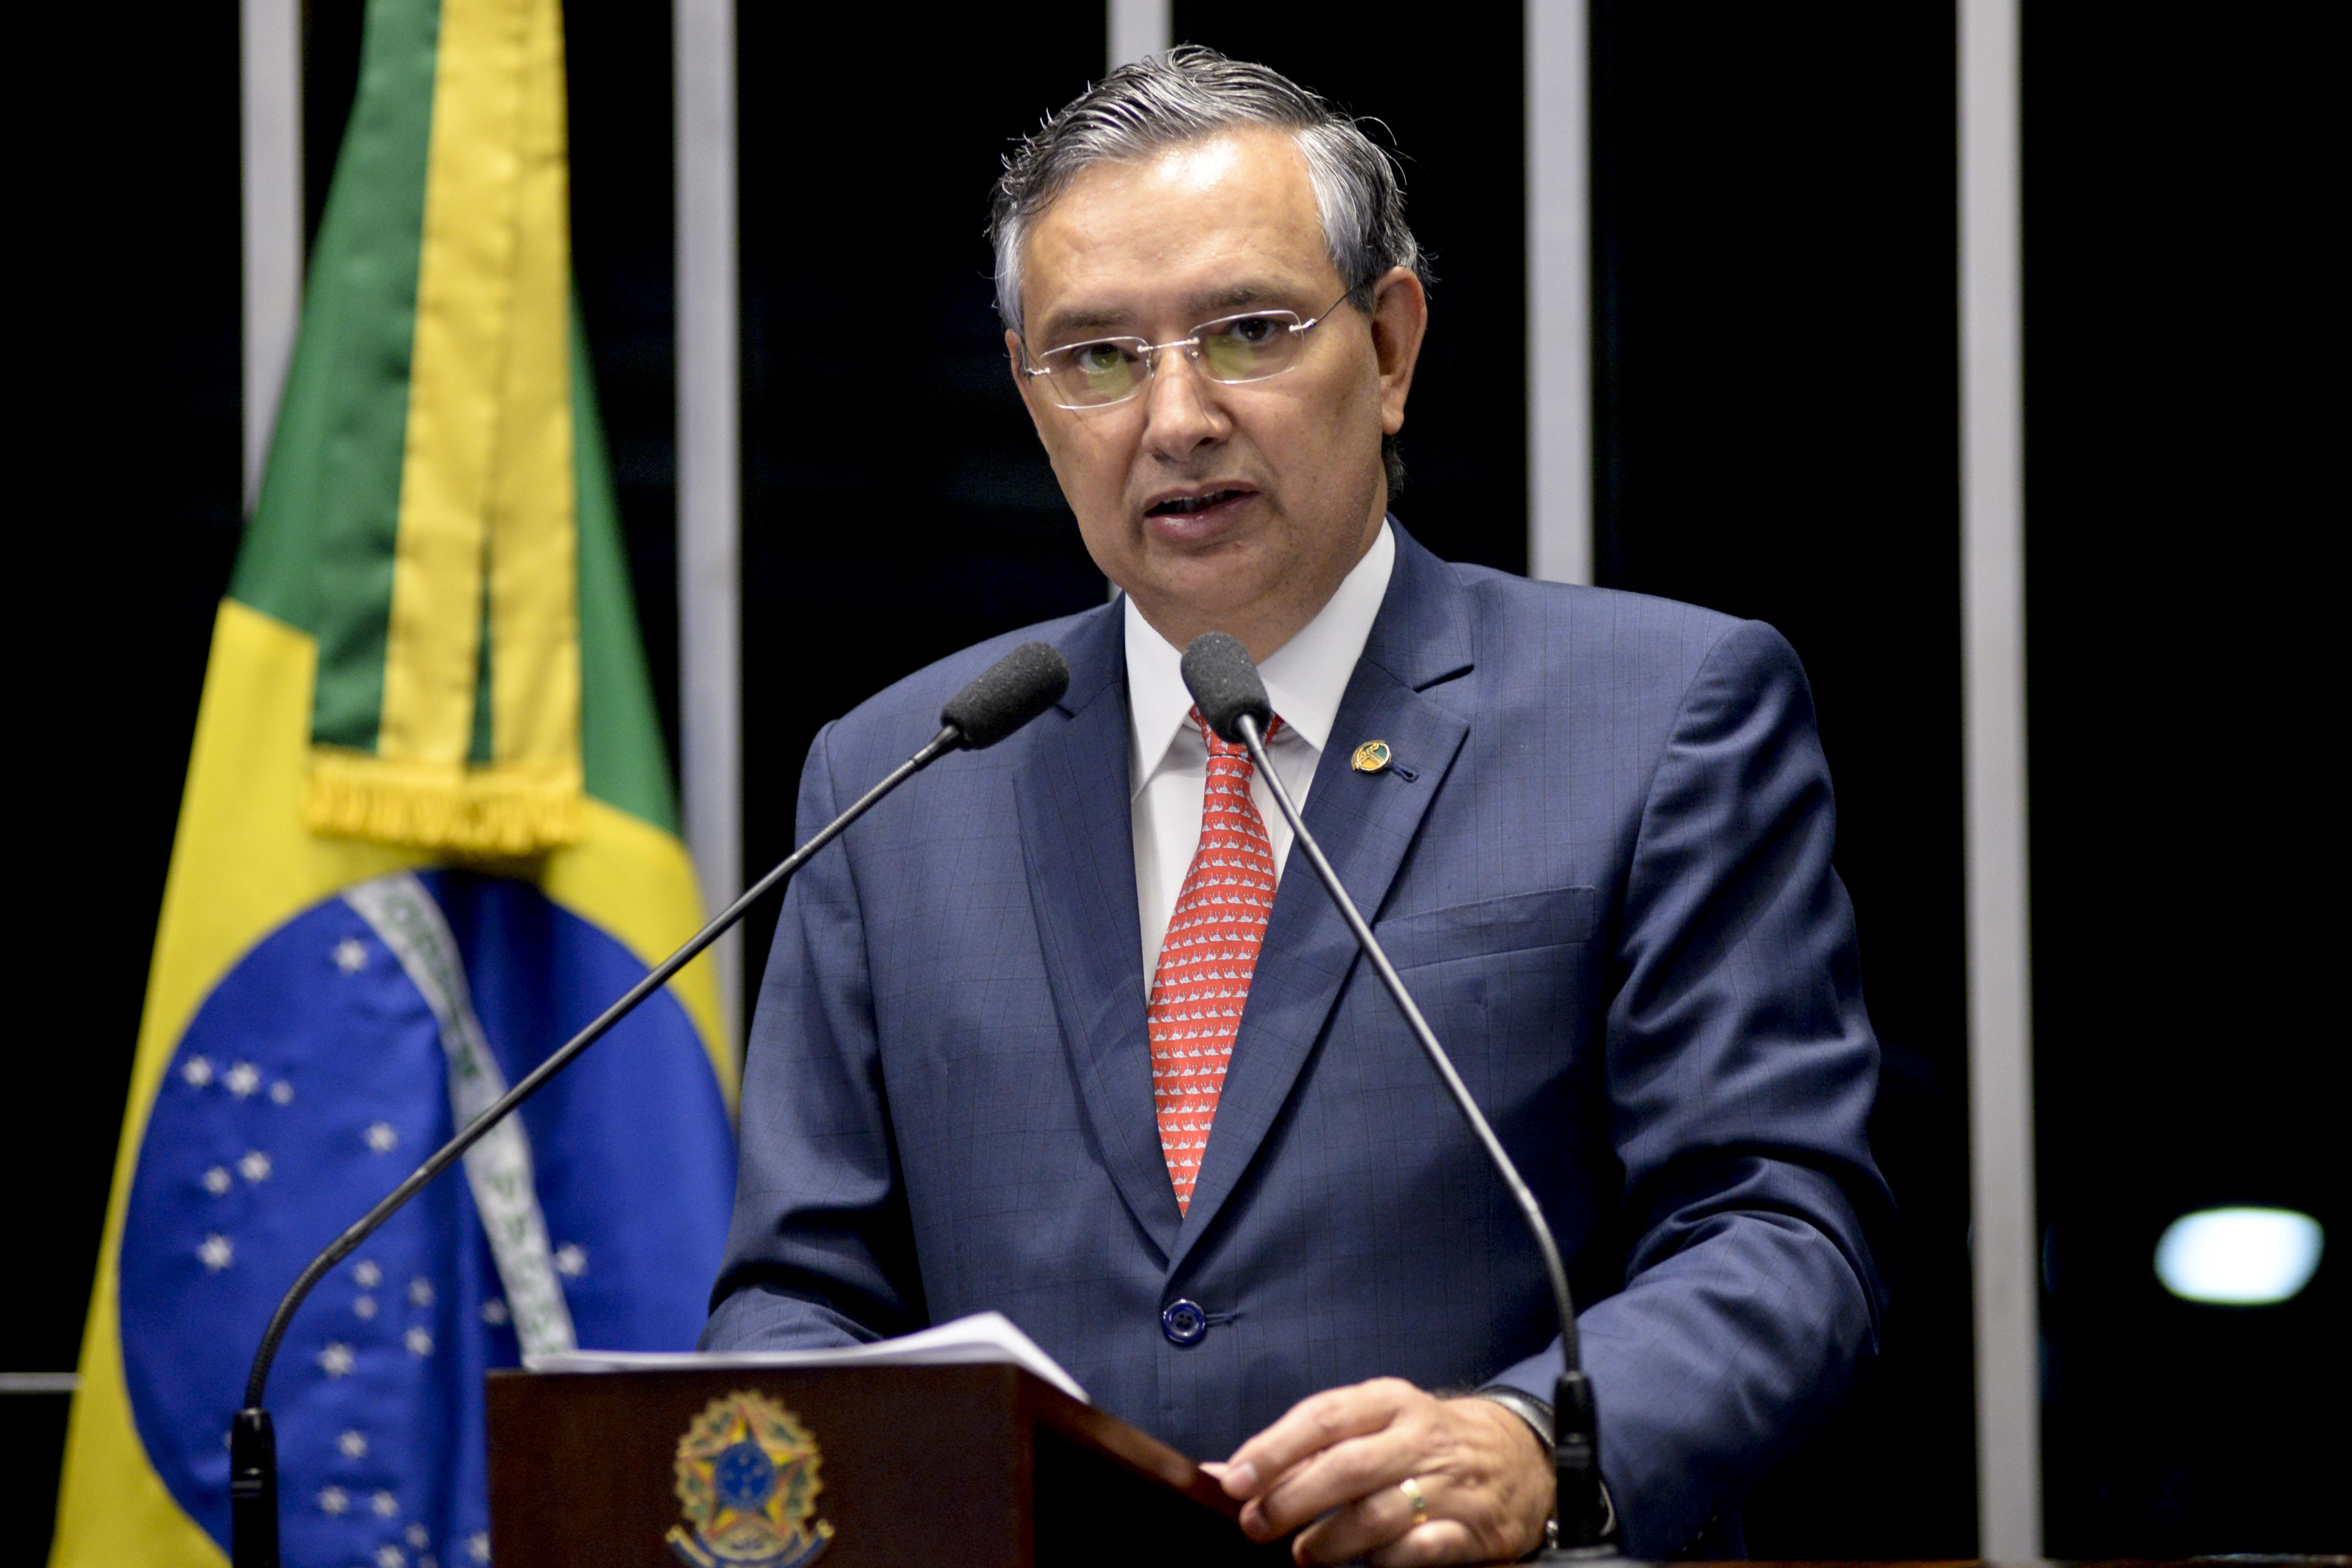 Plenário do Senado Federal durante sessão deliberativa ordinária.   Em discurso, senador Eduardo Amorim (PSDB-SE).   Foto: Pedro França/Agência Senado